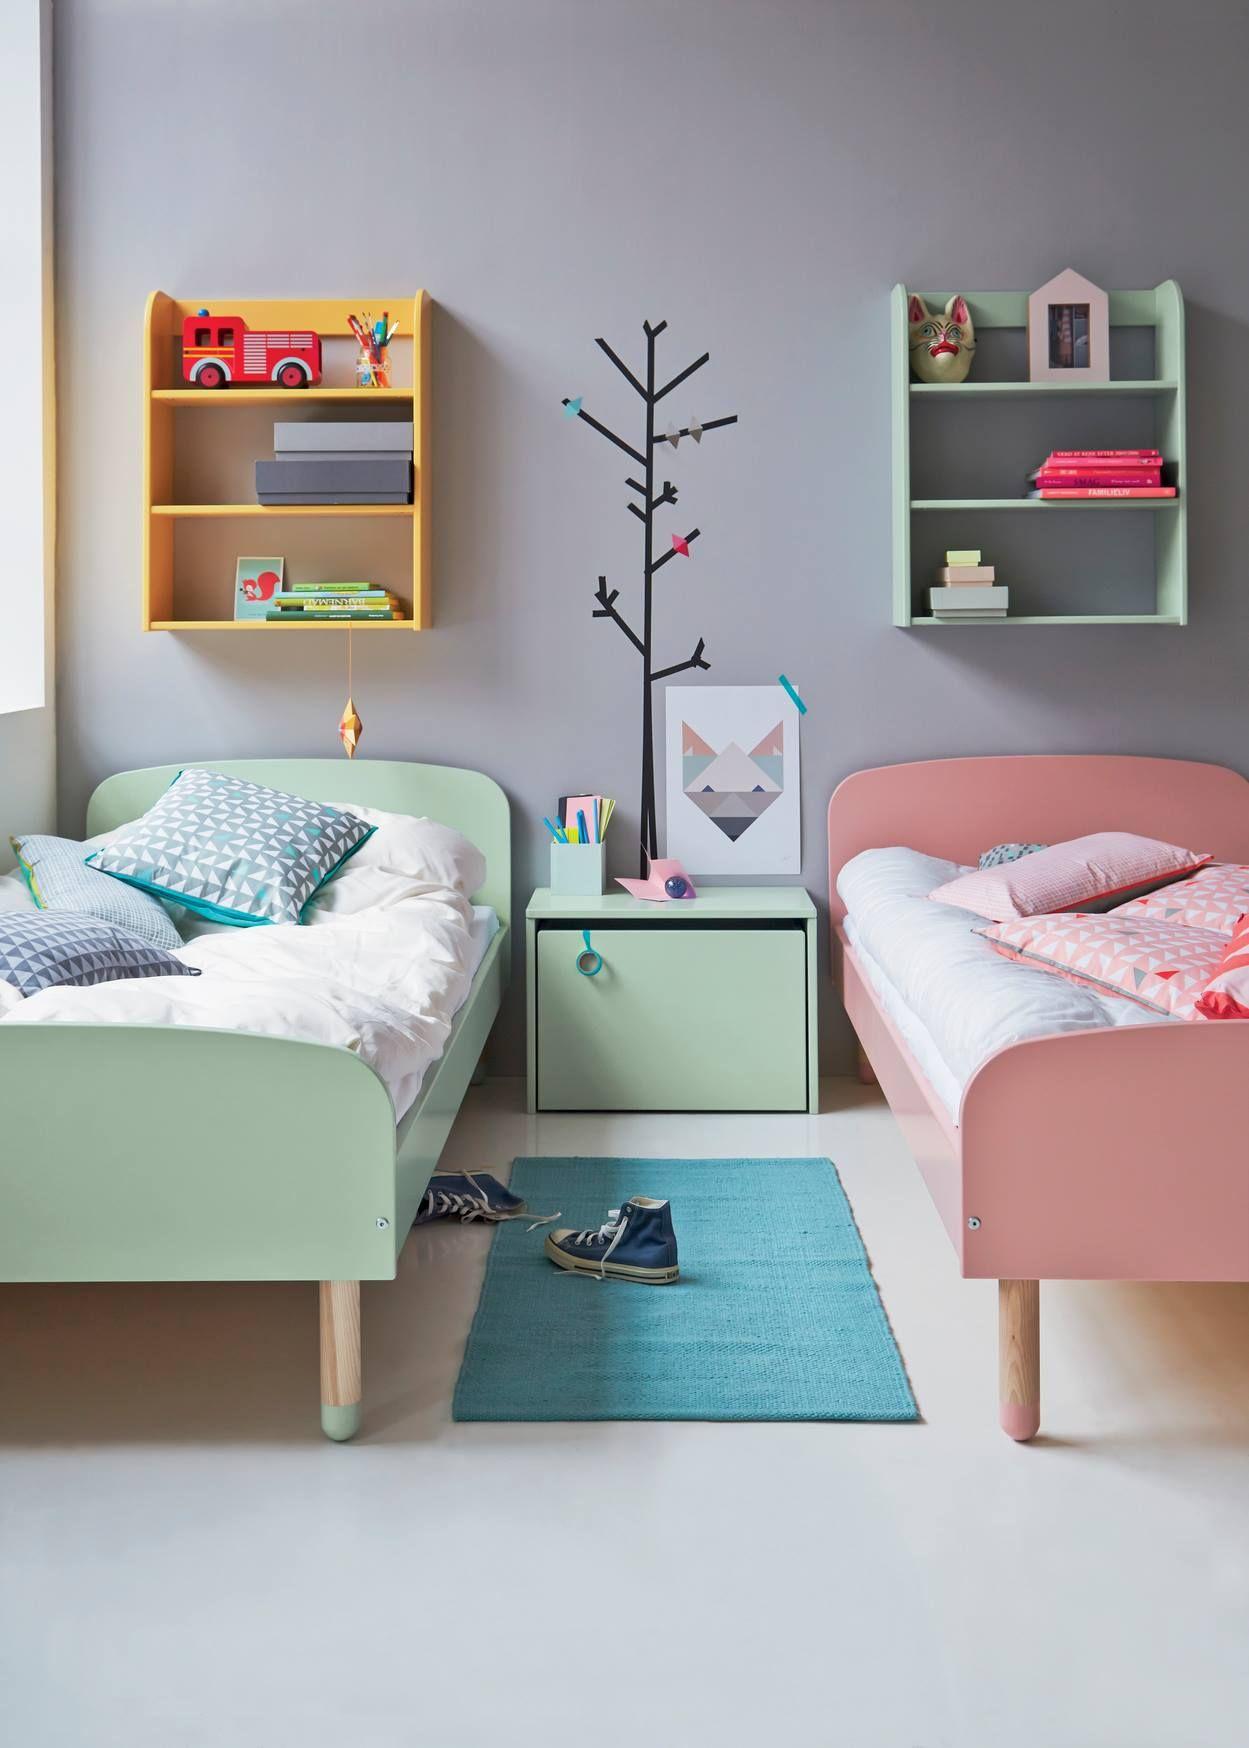 decoration chambre enfant partage